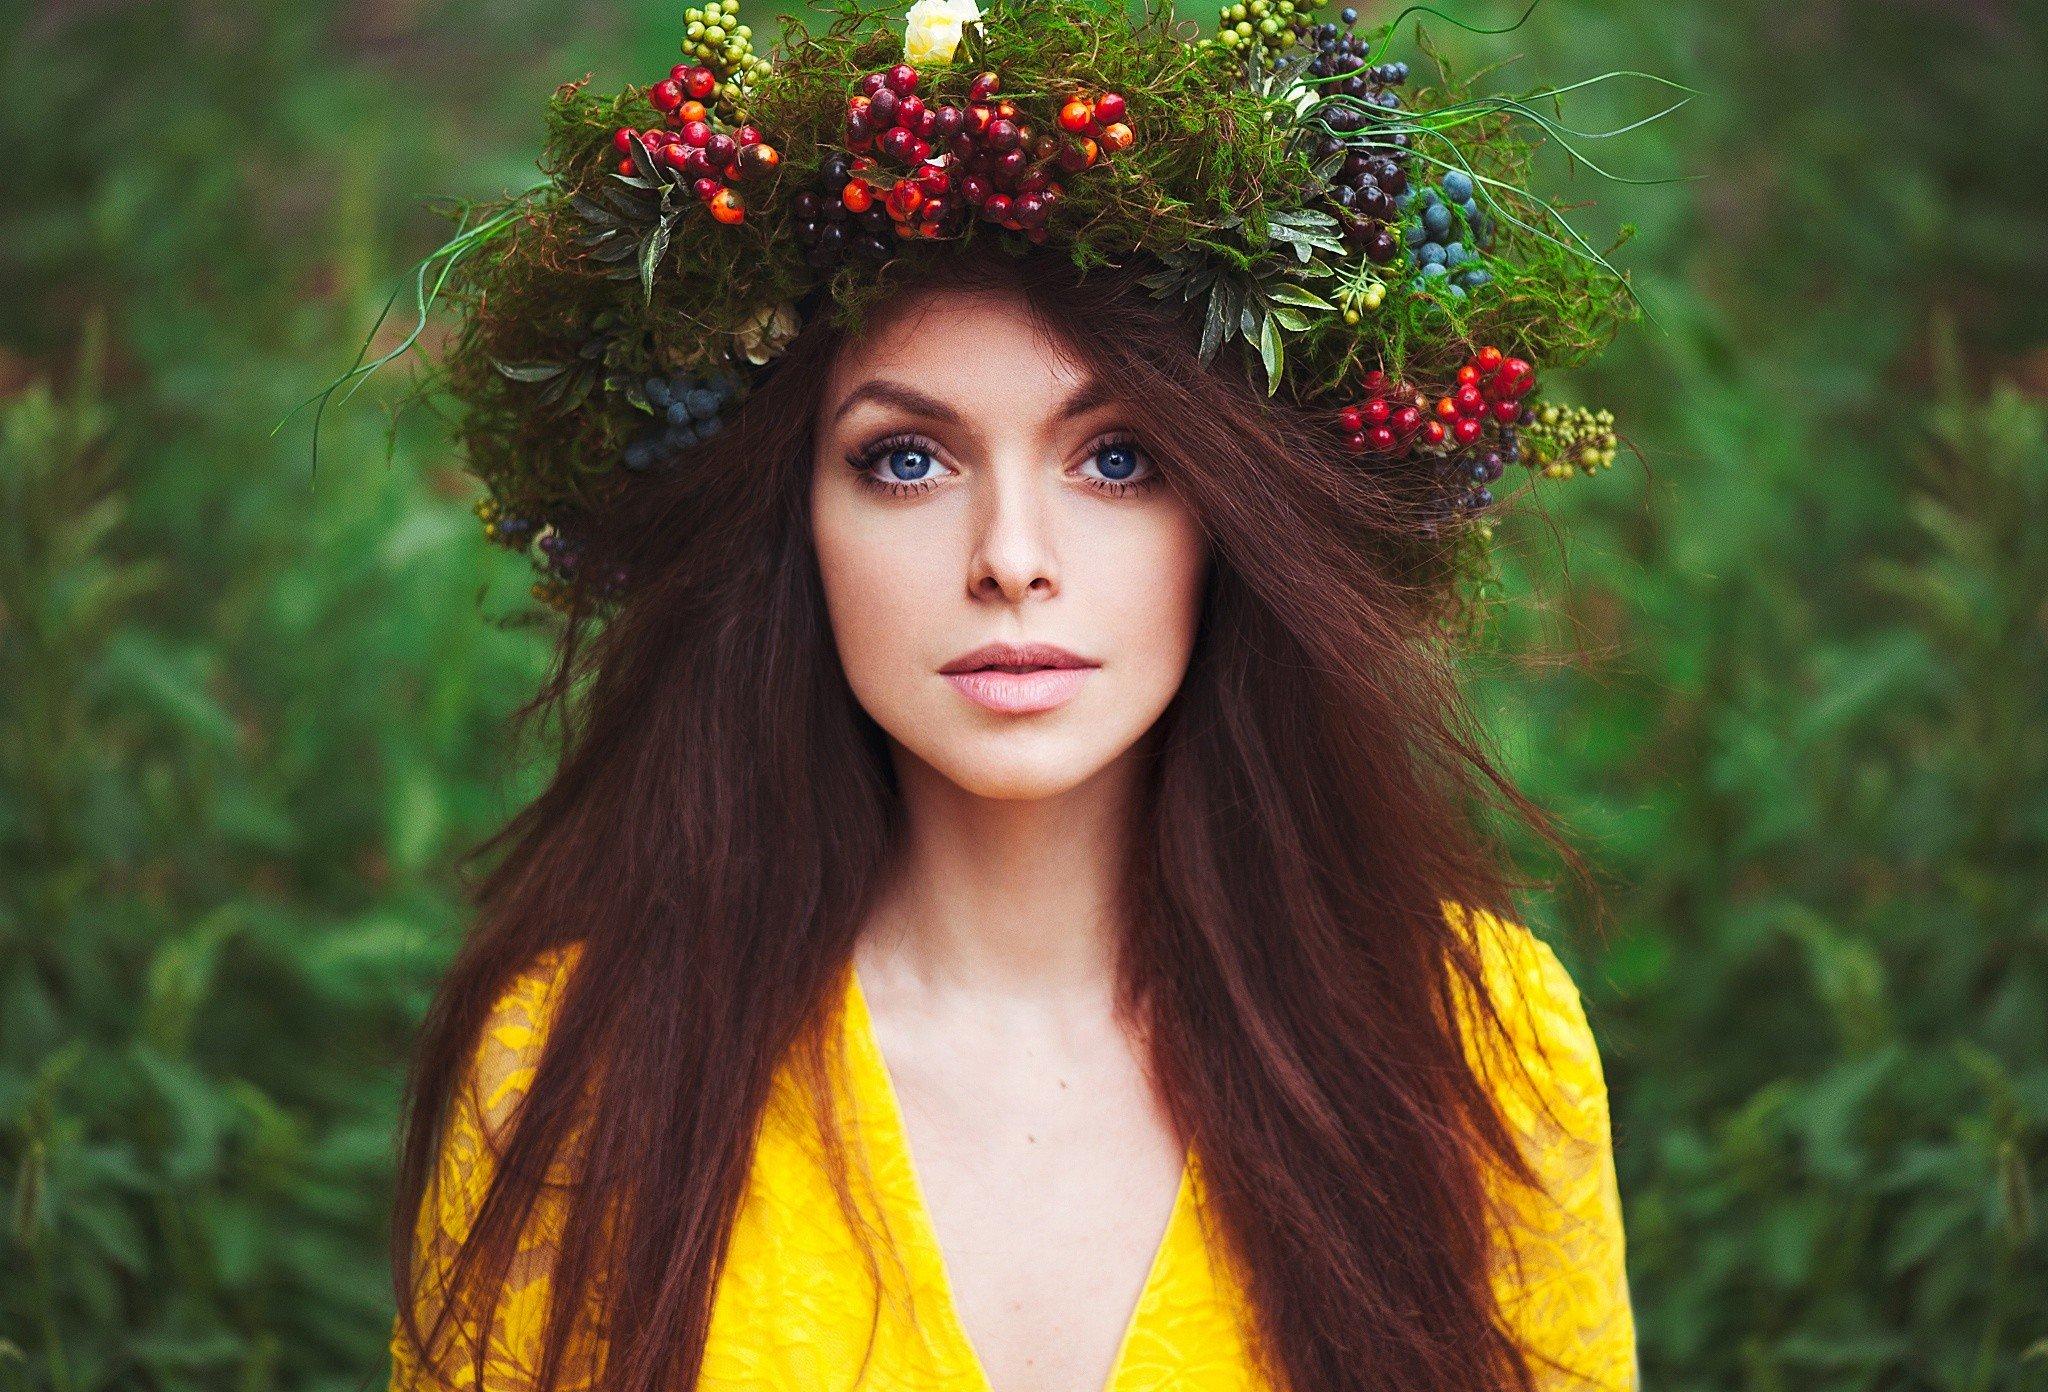 women, Face, Blue eyes, Long hair, Looking at viewer, Brunette Wallpaper